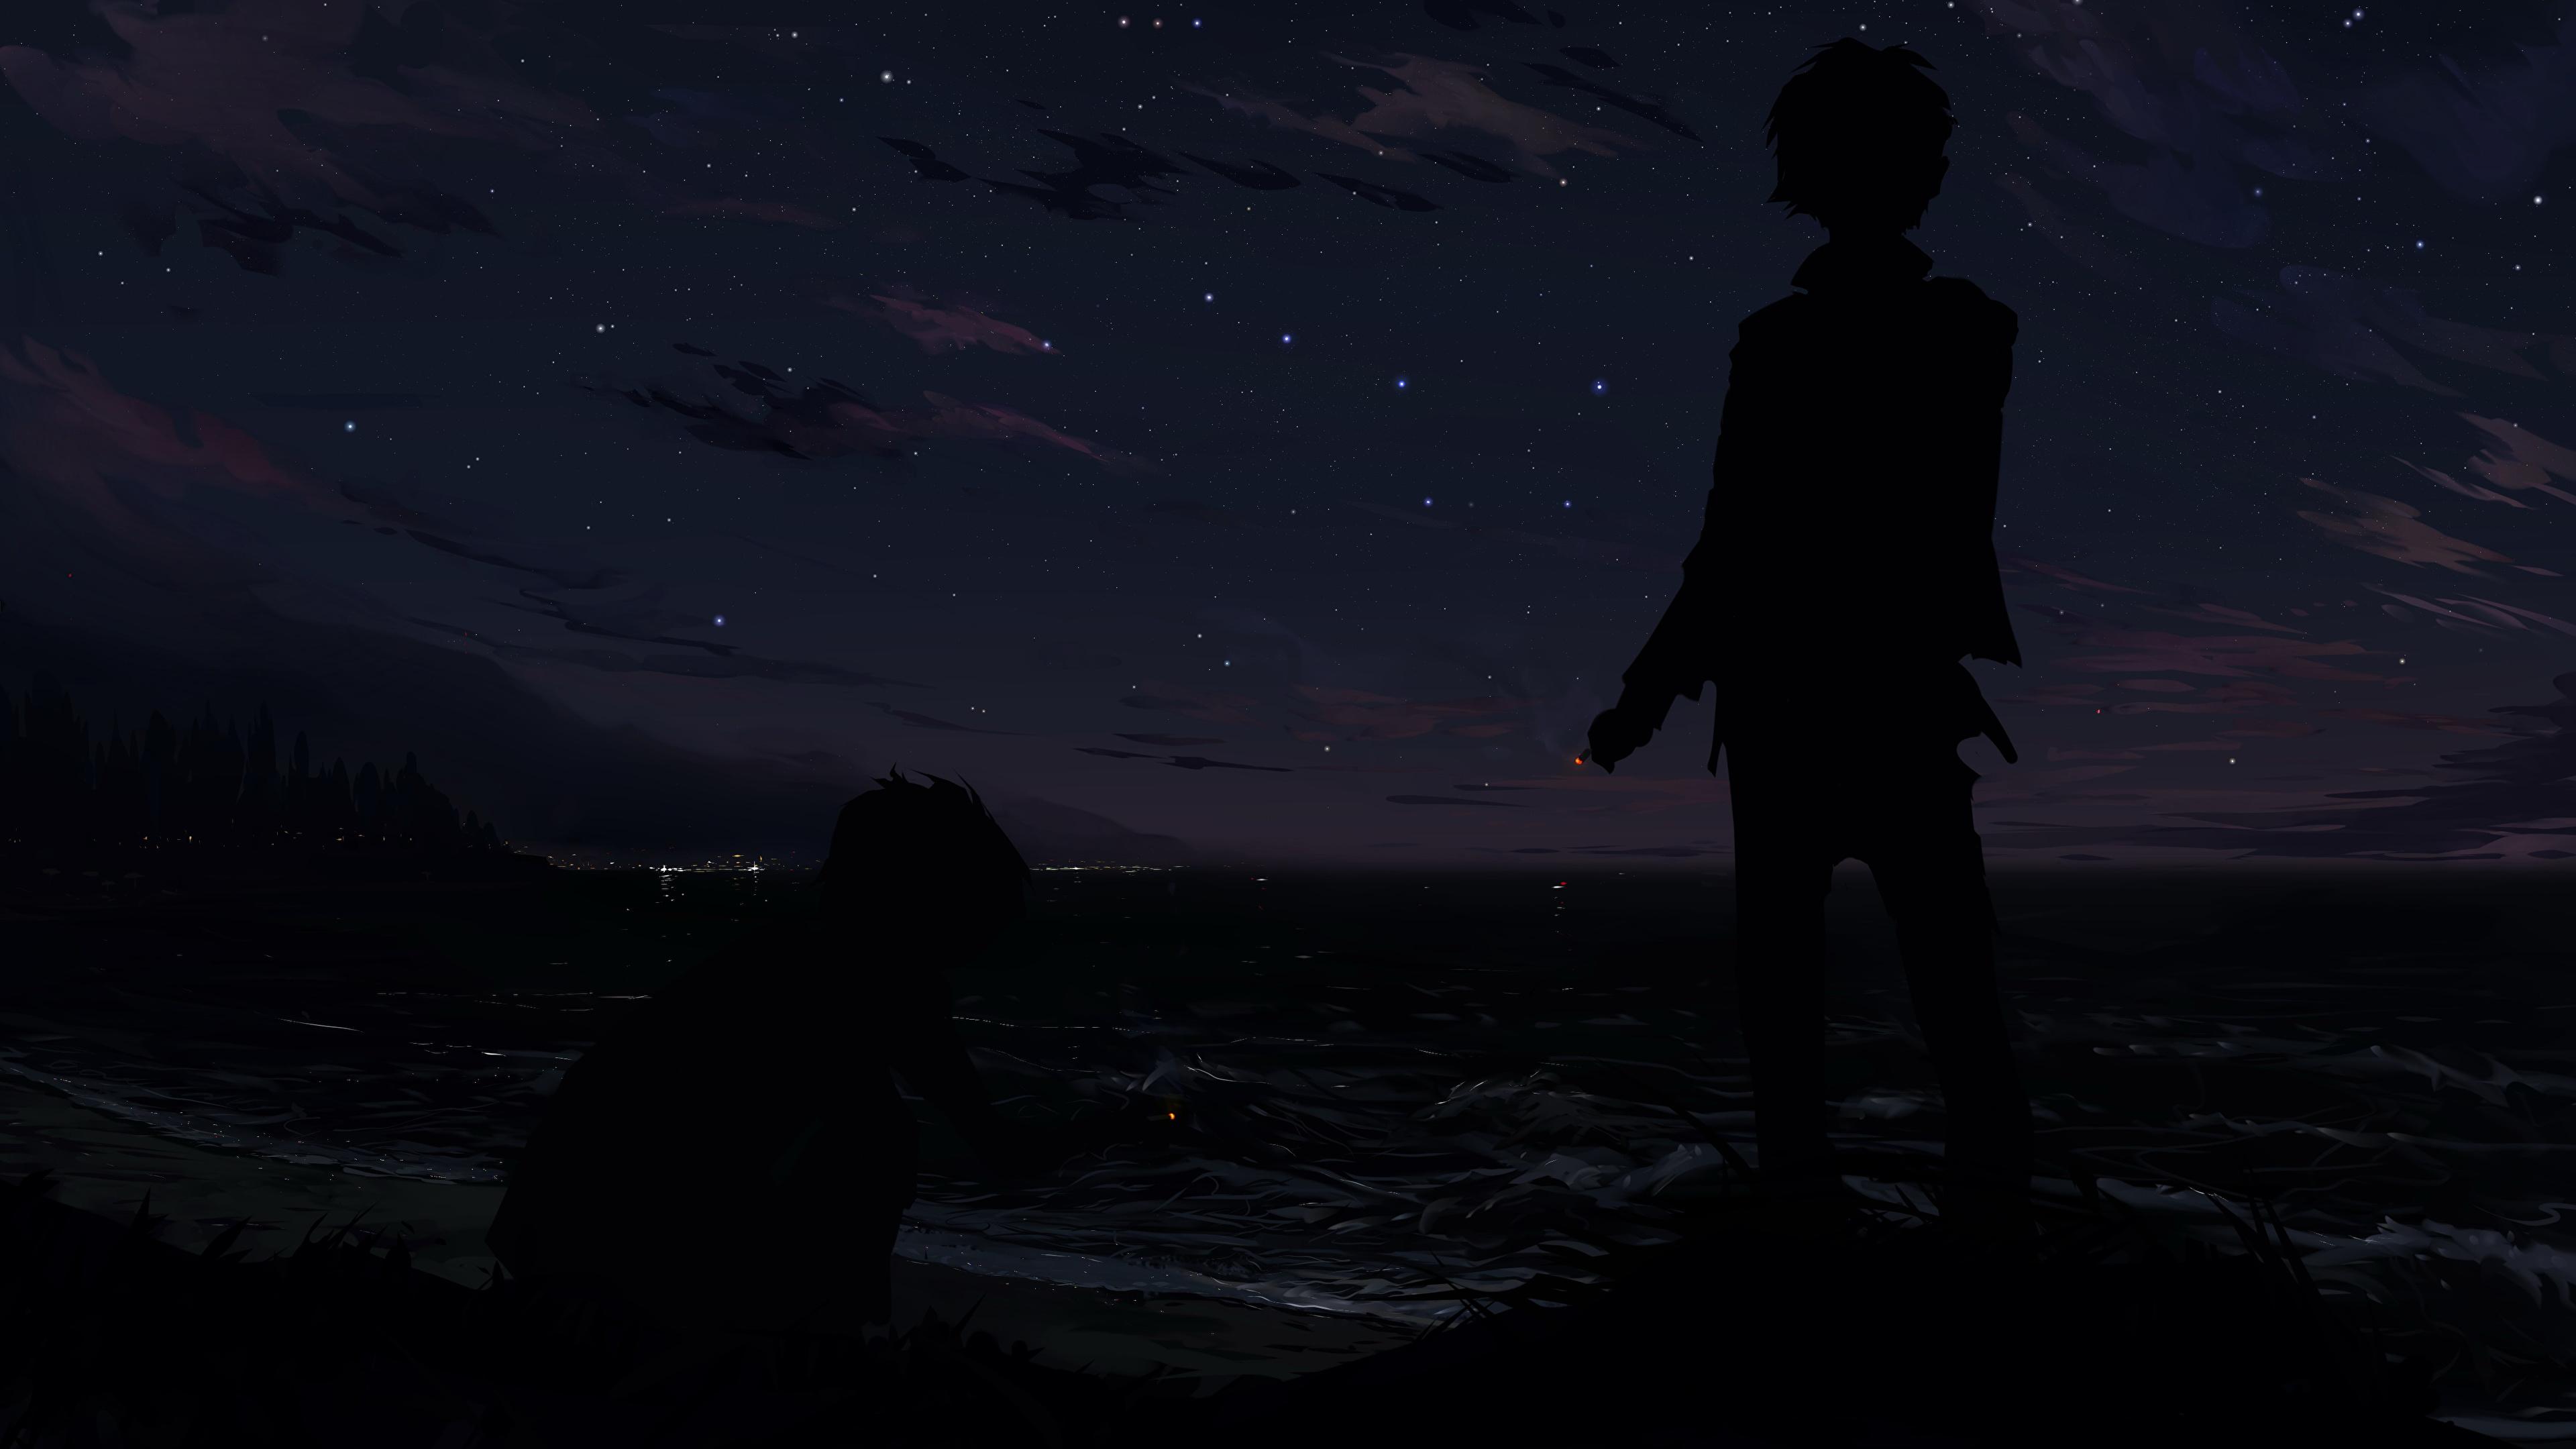 Обои для рабочего стола мальчишки силуэты Аниме ночью 3840x2160 мальчик Мальчики мальчишка Силуэт силуэта Ночь в ночи Ночные